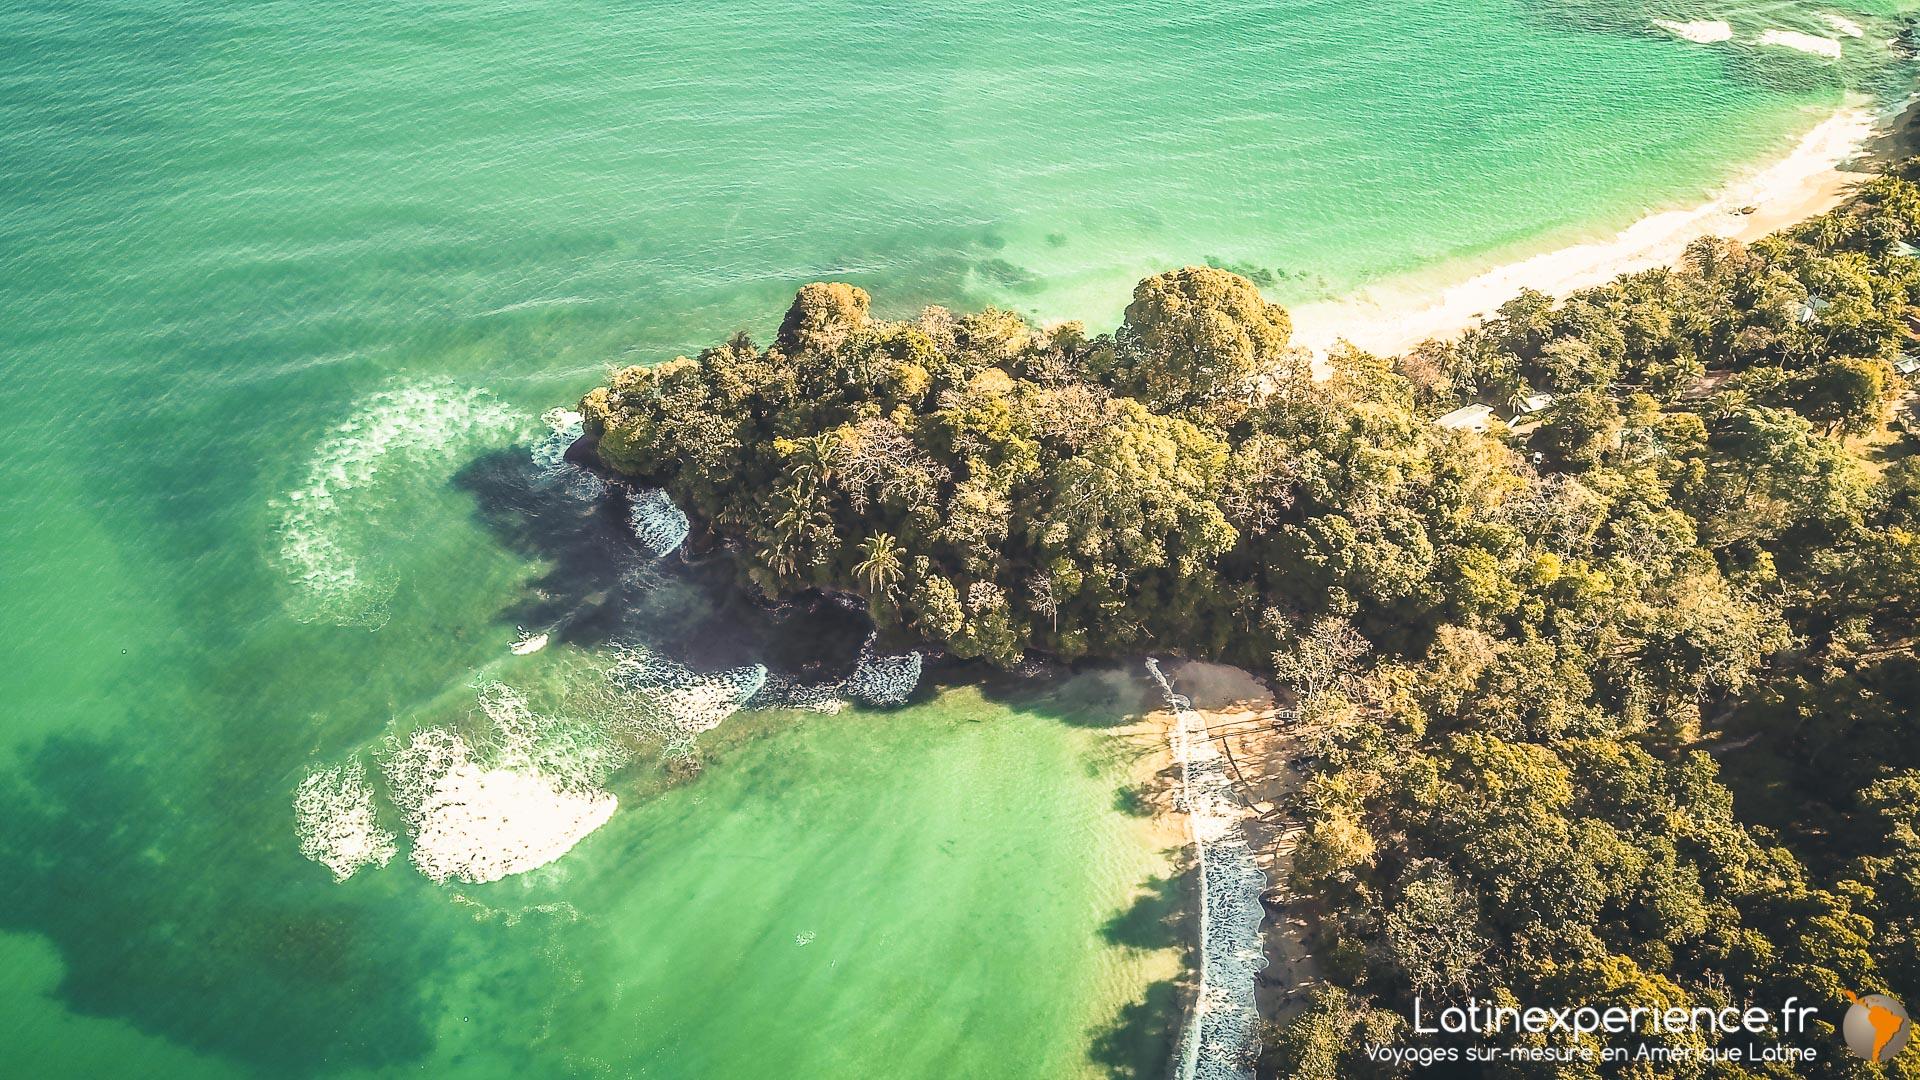 Costa Rica - Punta Uvita - Voyage de noces - Latinexperience voyages